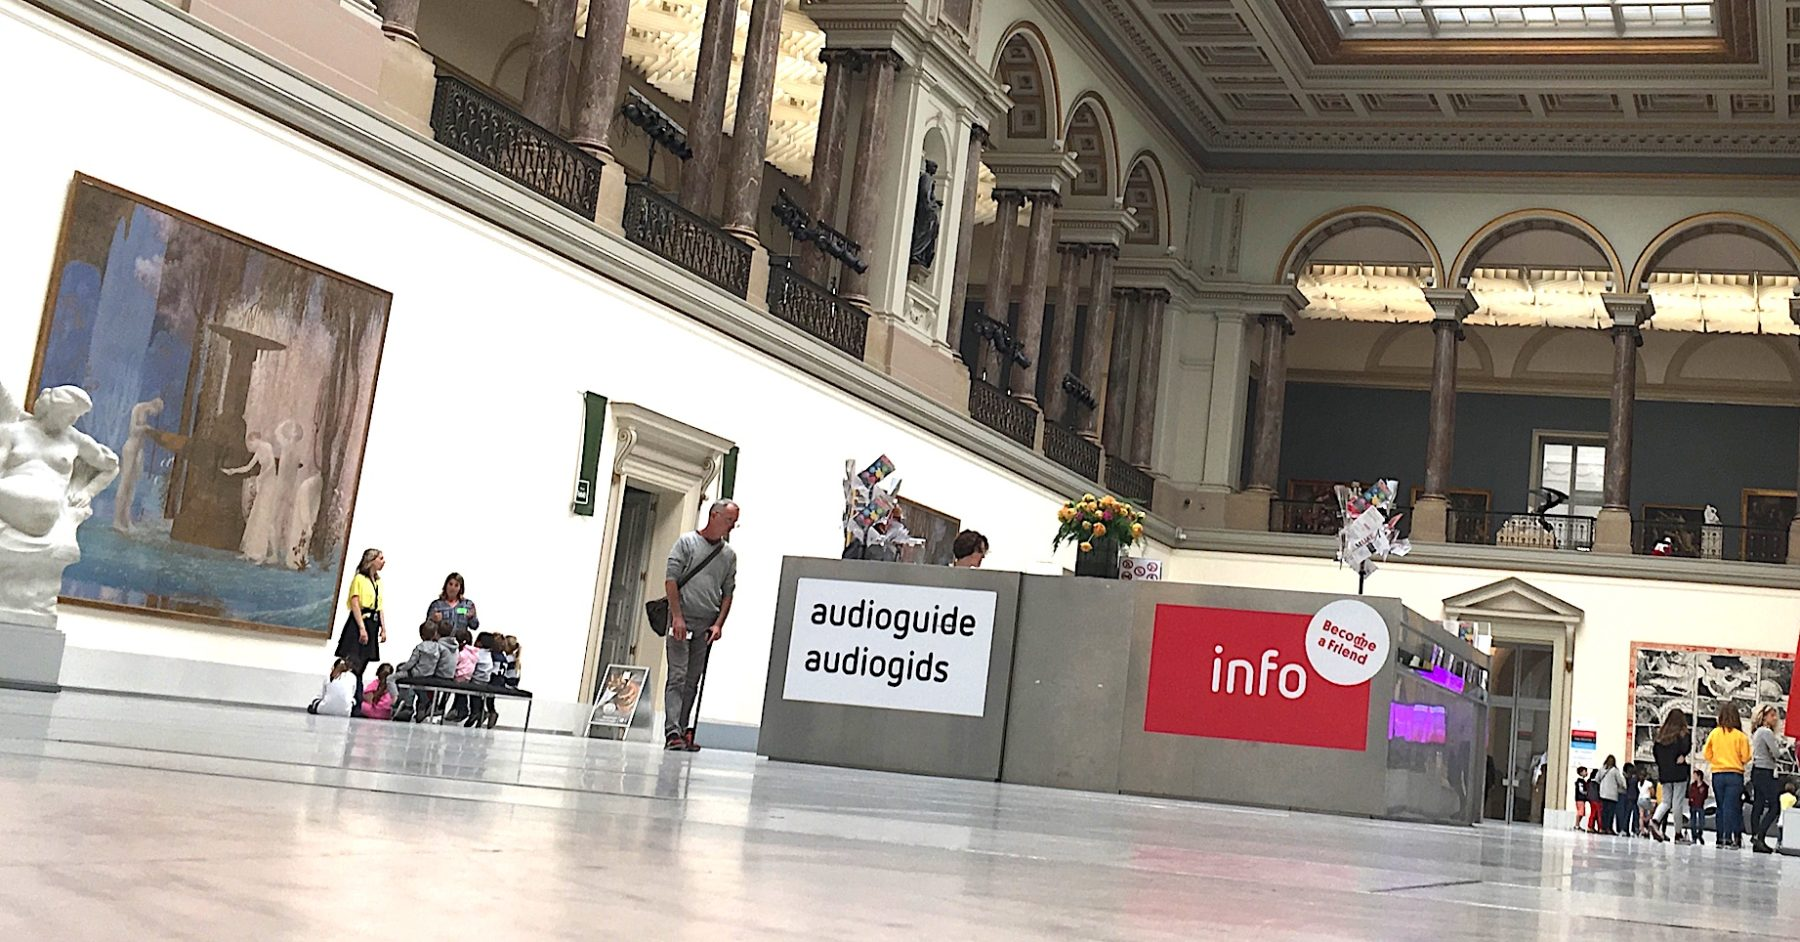 Grande salle d'accueil des Musées Royaux des Beaux-Arts de Belgique.